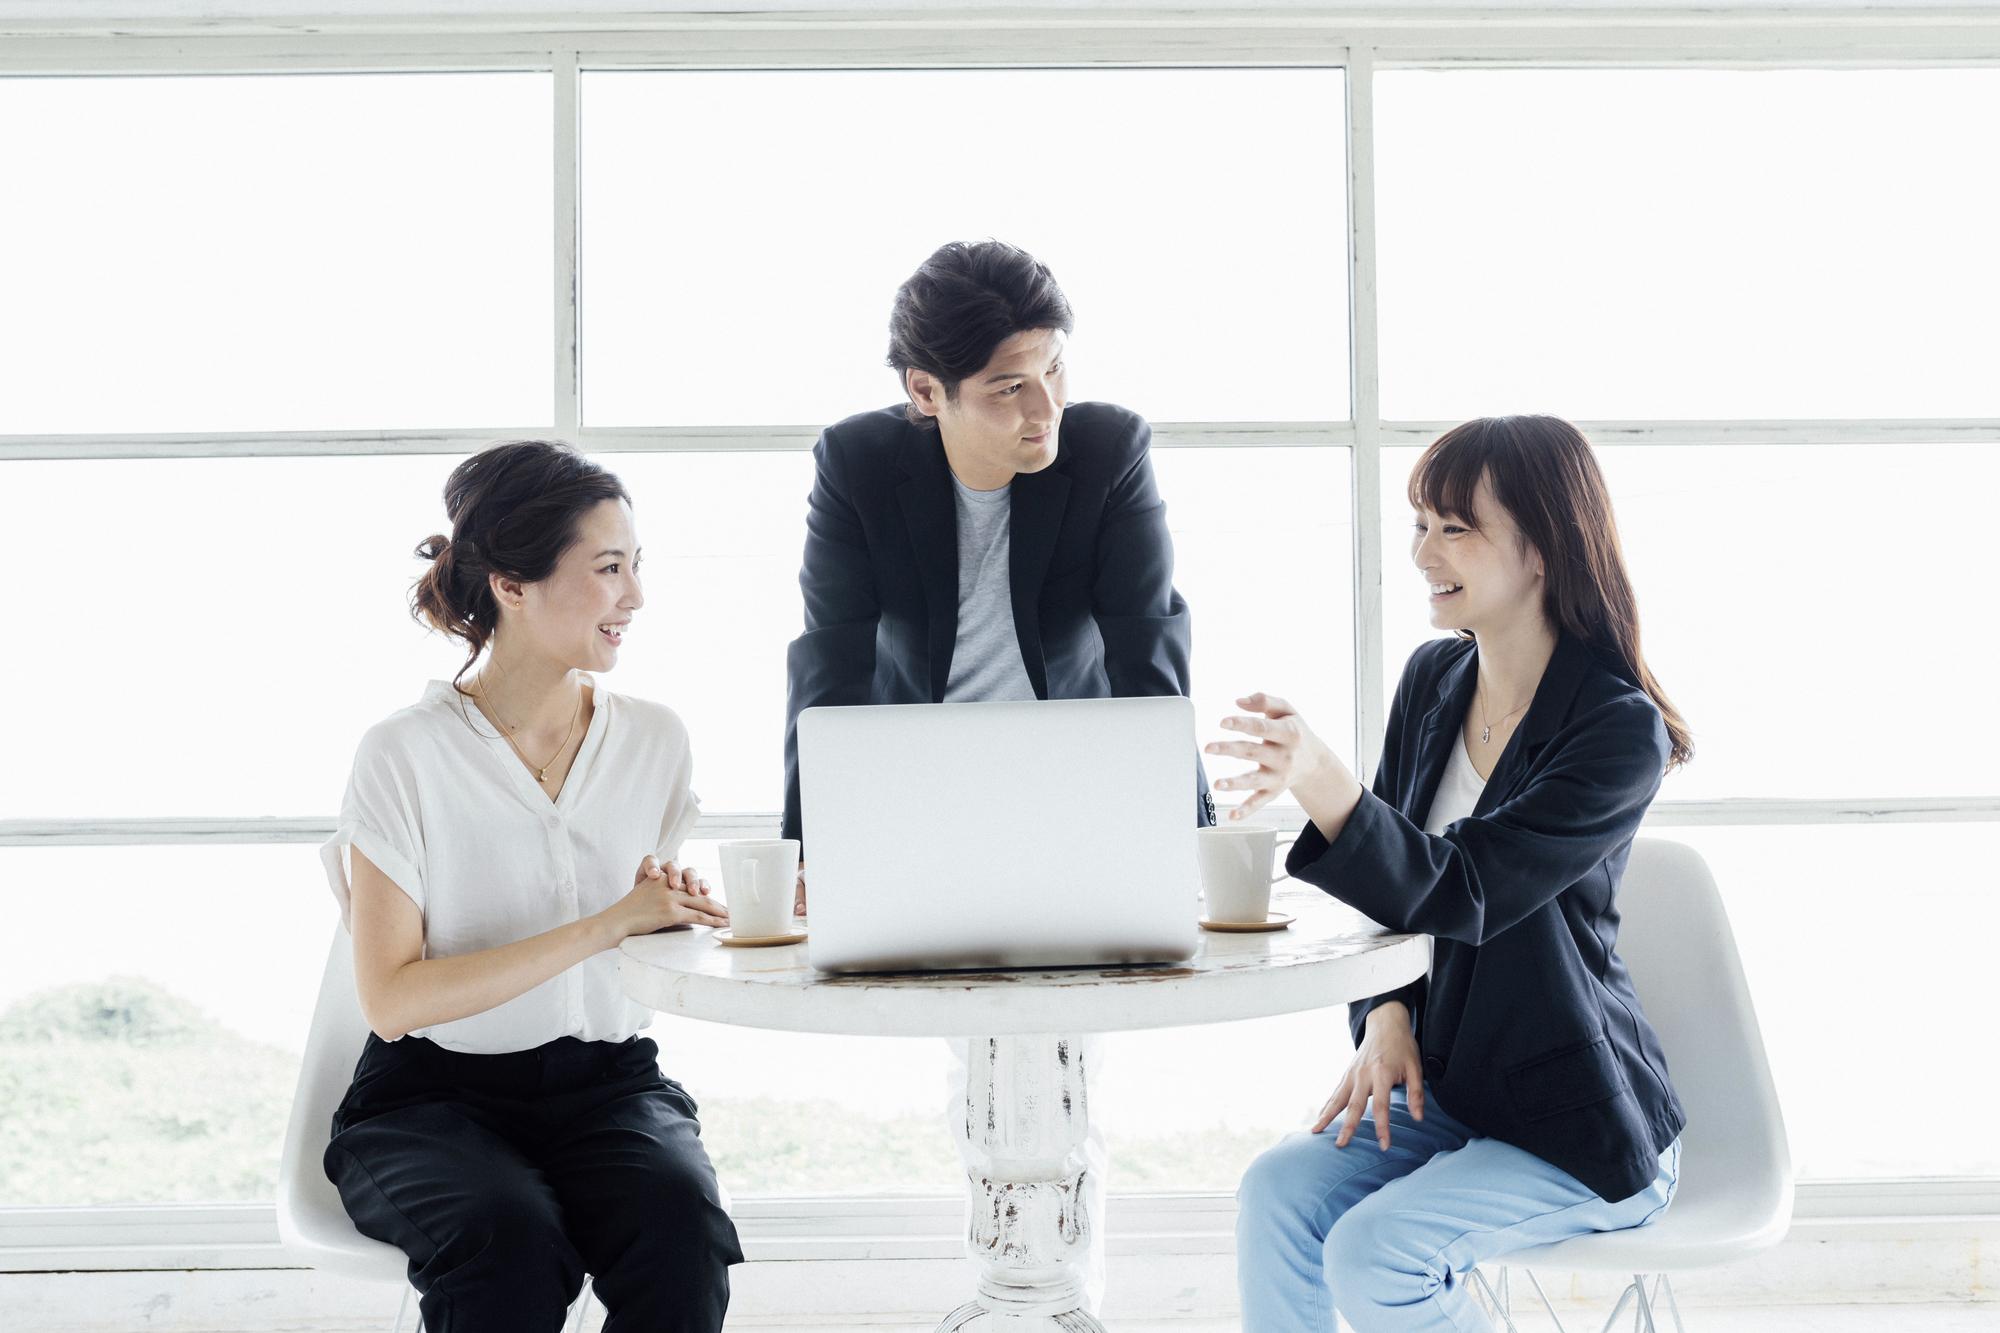 ベンチャーやスタートアップ企業が資金調達をするには何がベスト?